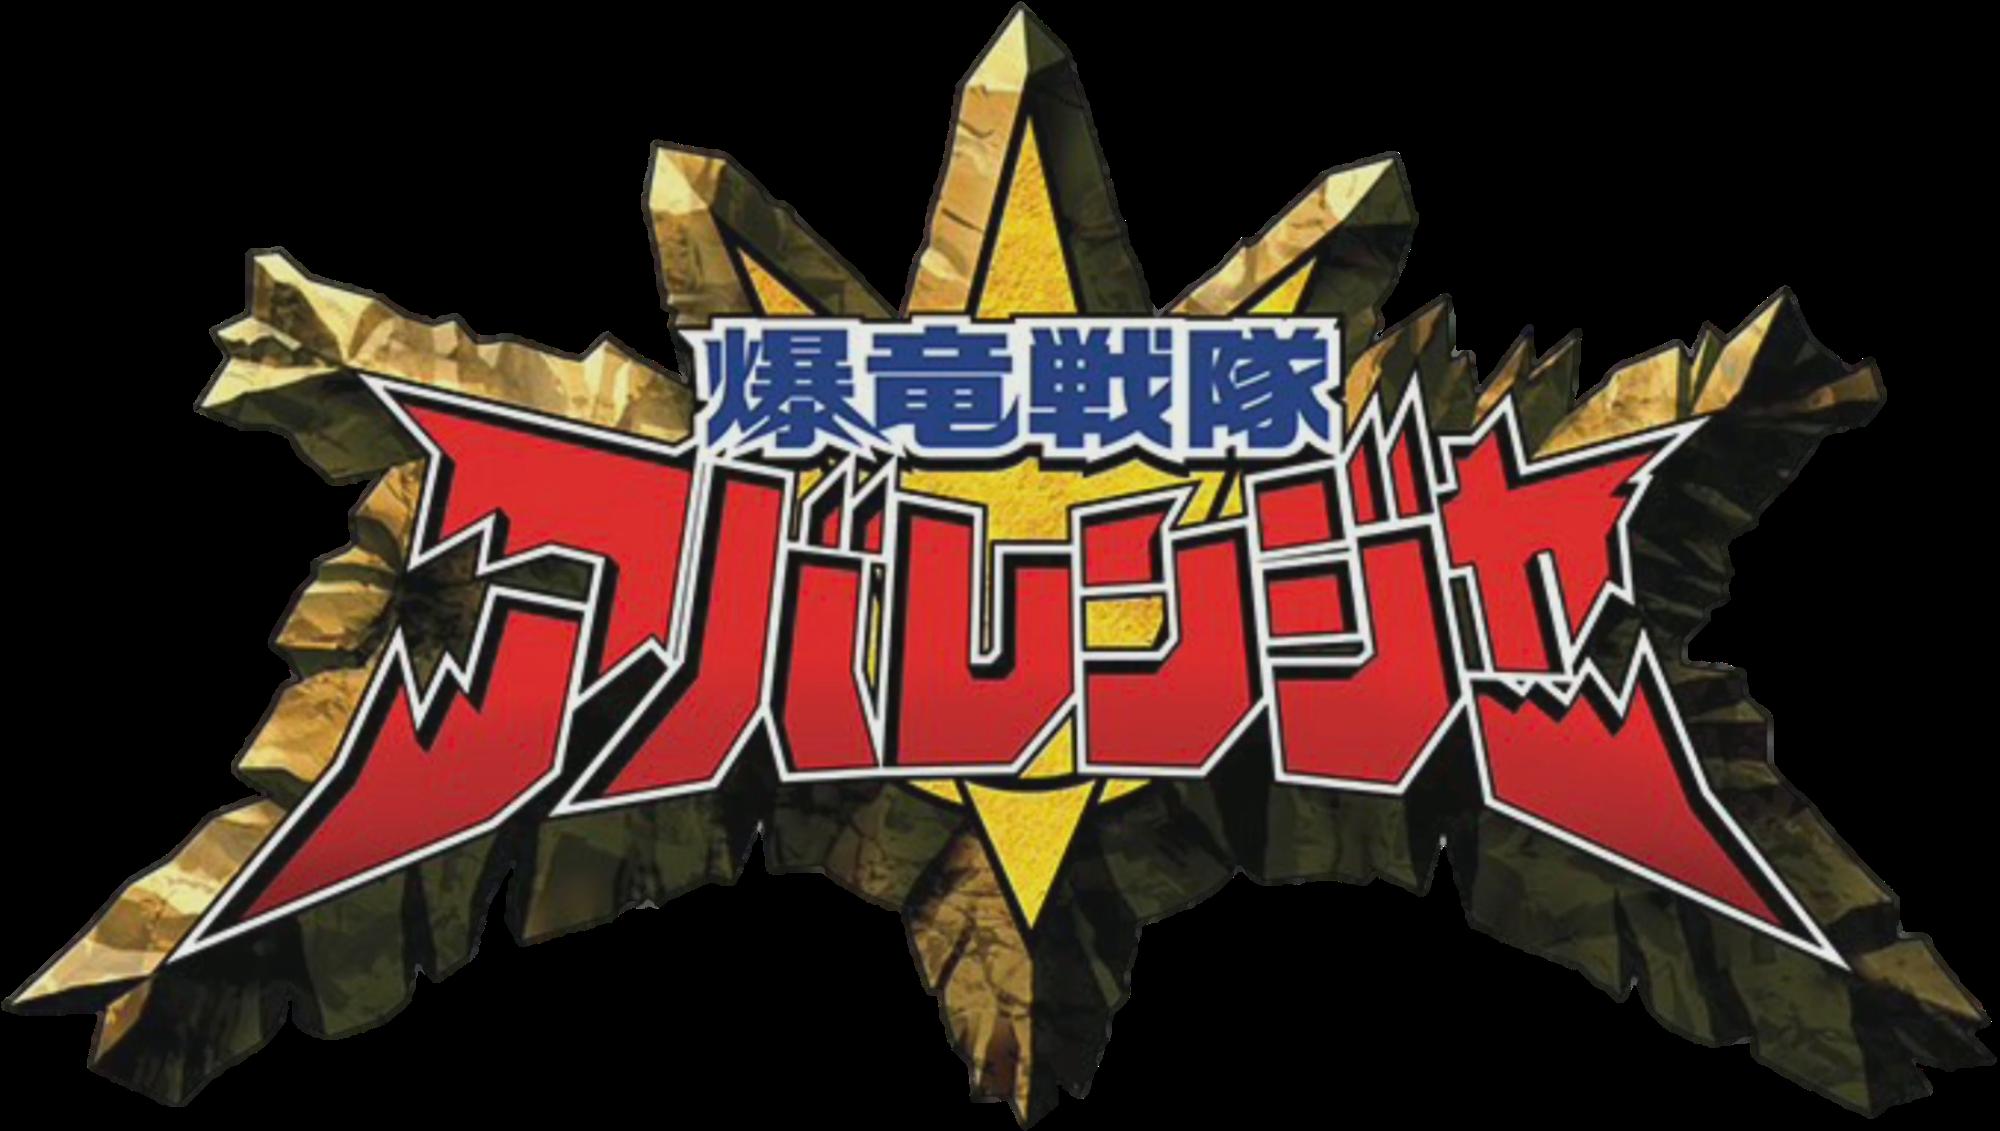 爆竜戦隊アバレンジャー タイトルロゴ